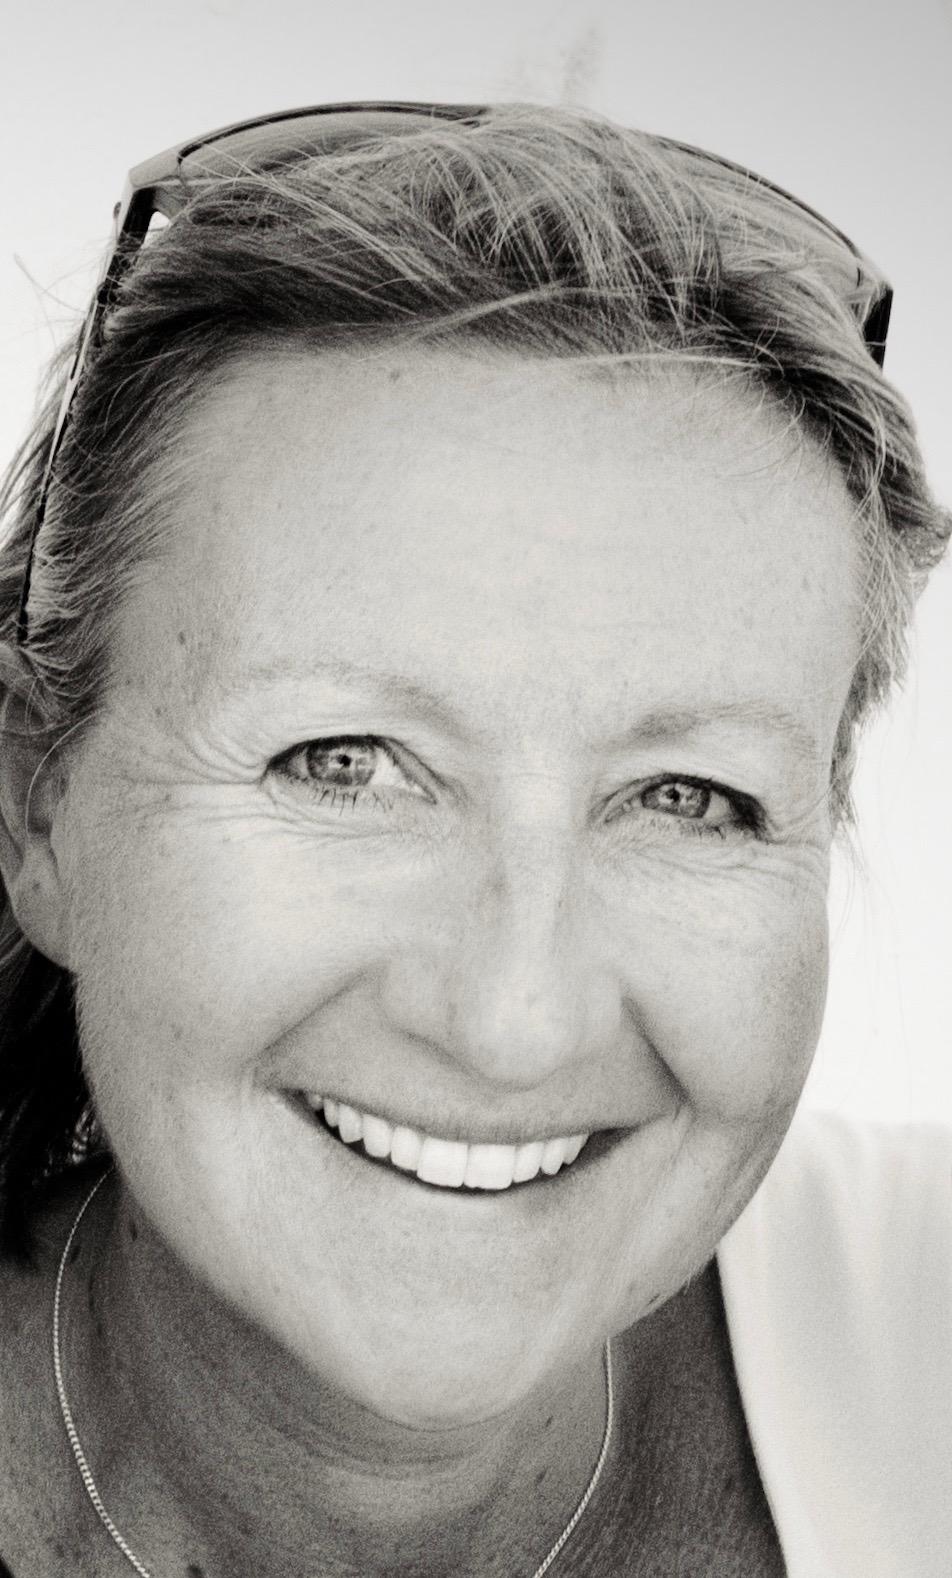 Kelly Hamilton